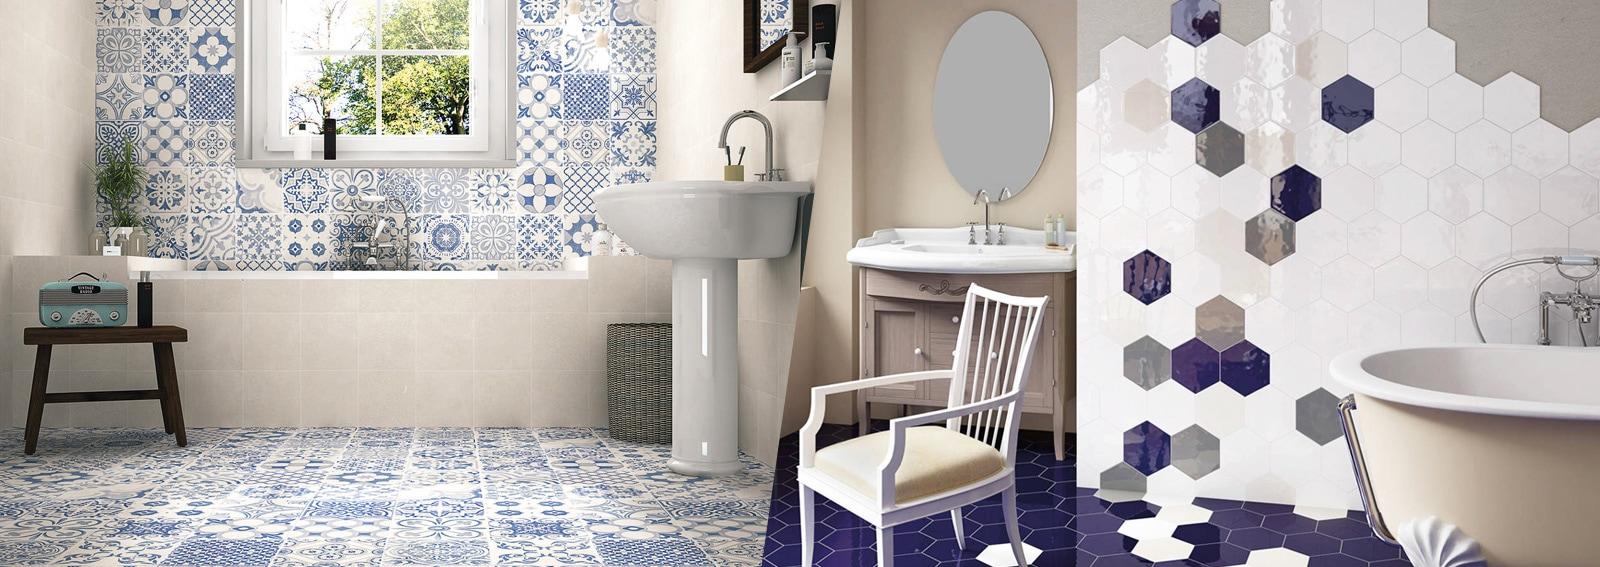 Rivestimenti per il bagno 10 idee decor da copiare for Arredamento moderno ma caldo